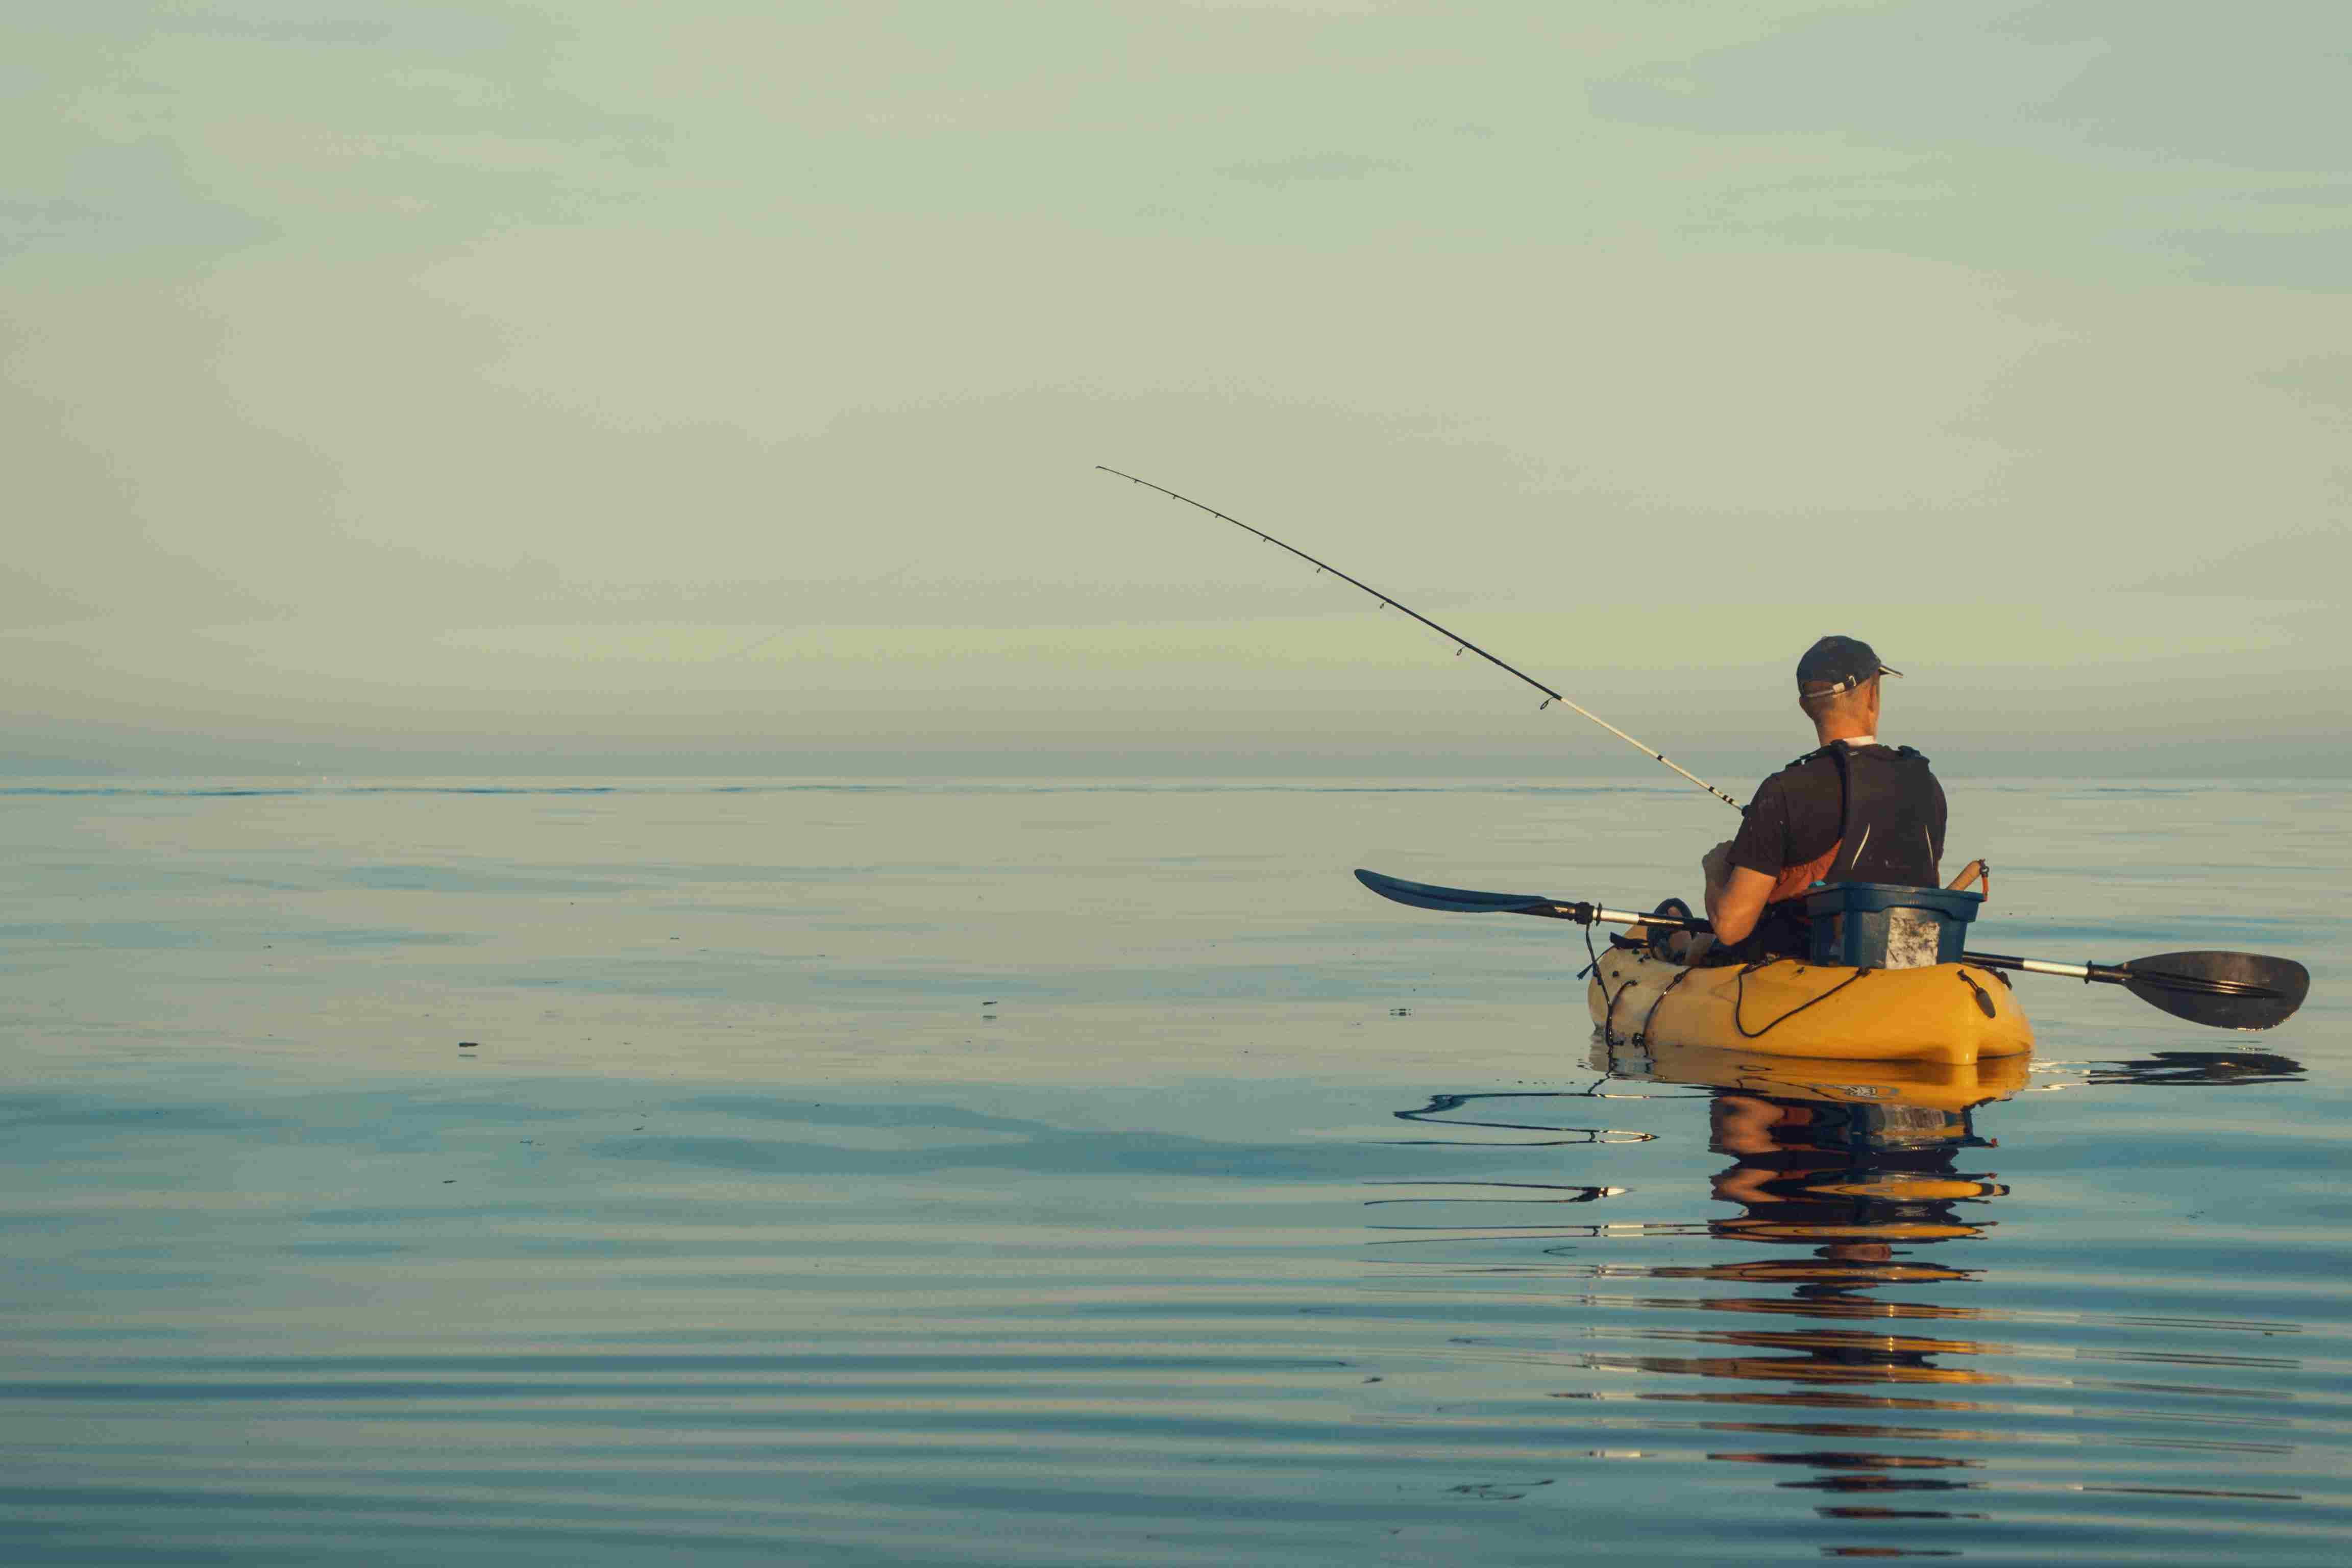 Kayak fishing on calm and sunny seas